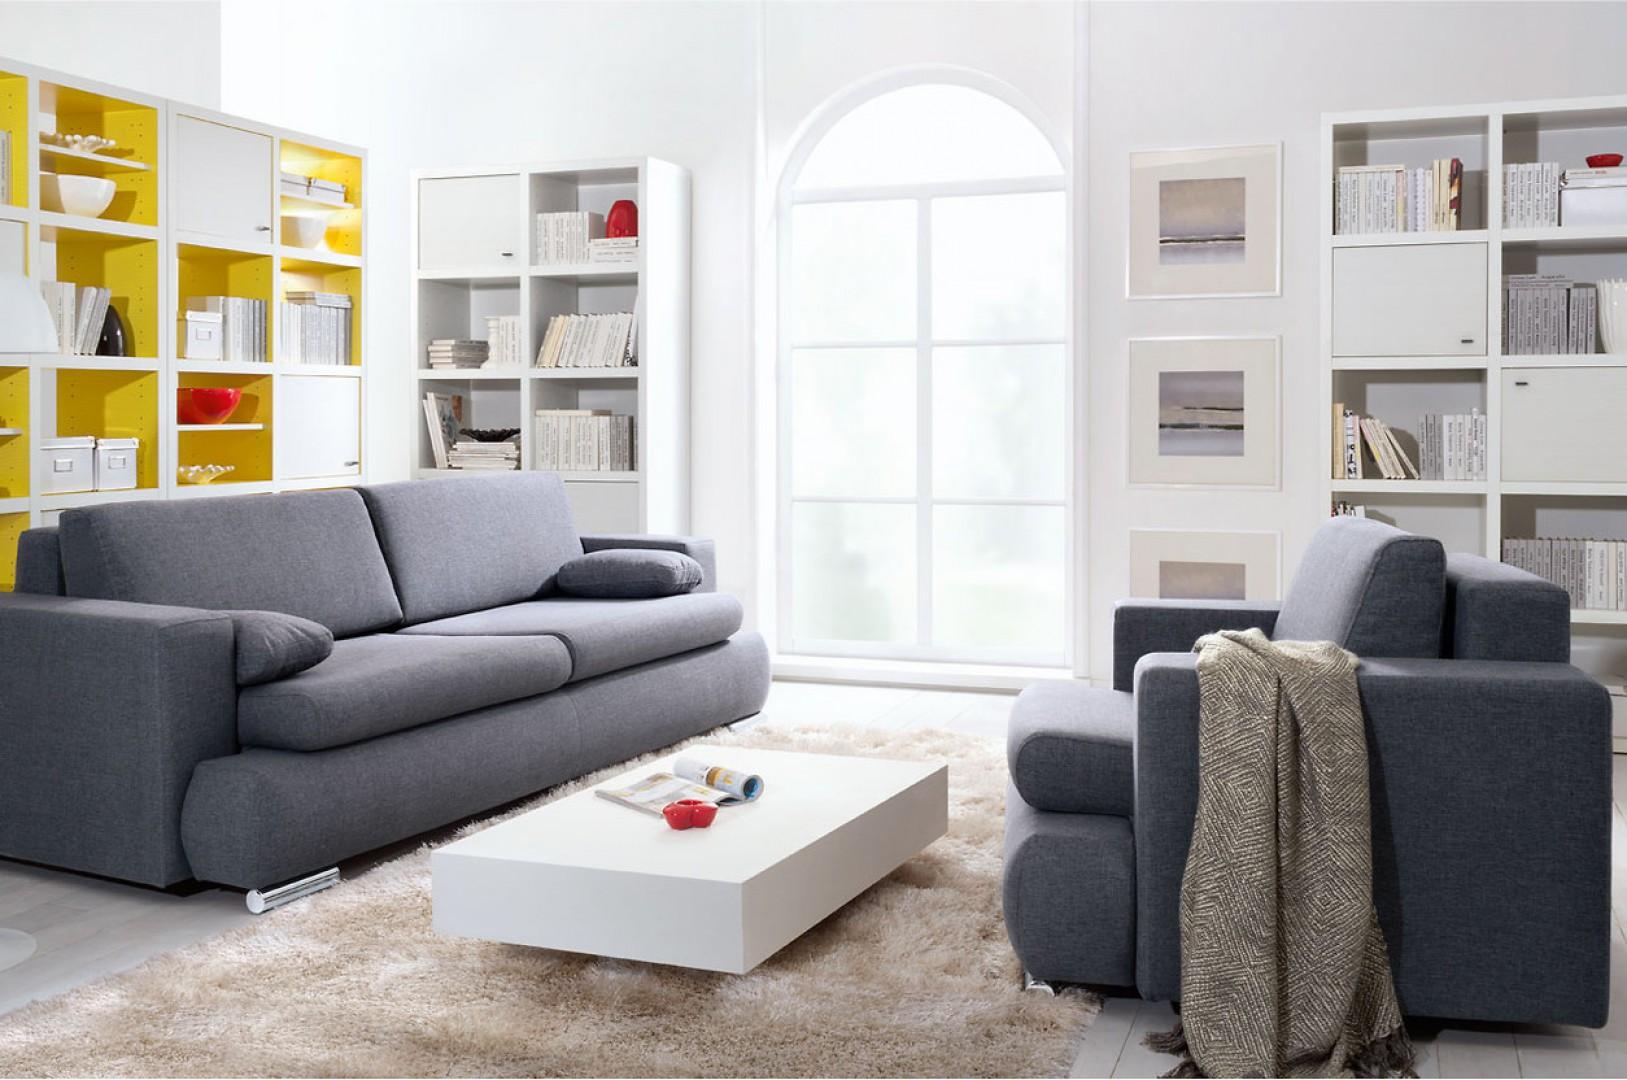 Sofa Enzo w modnym szarym kolorze. Fot. Black Red White